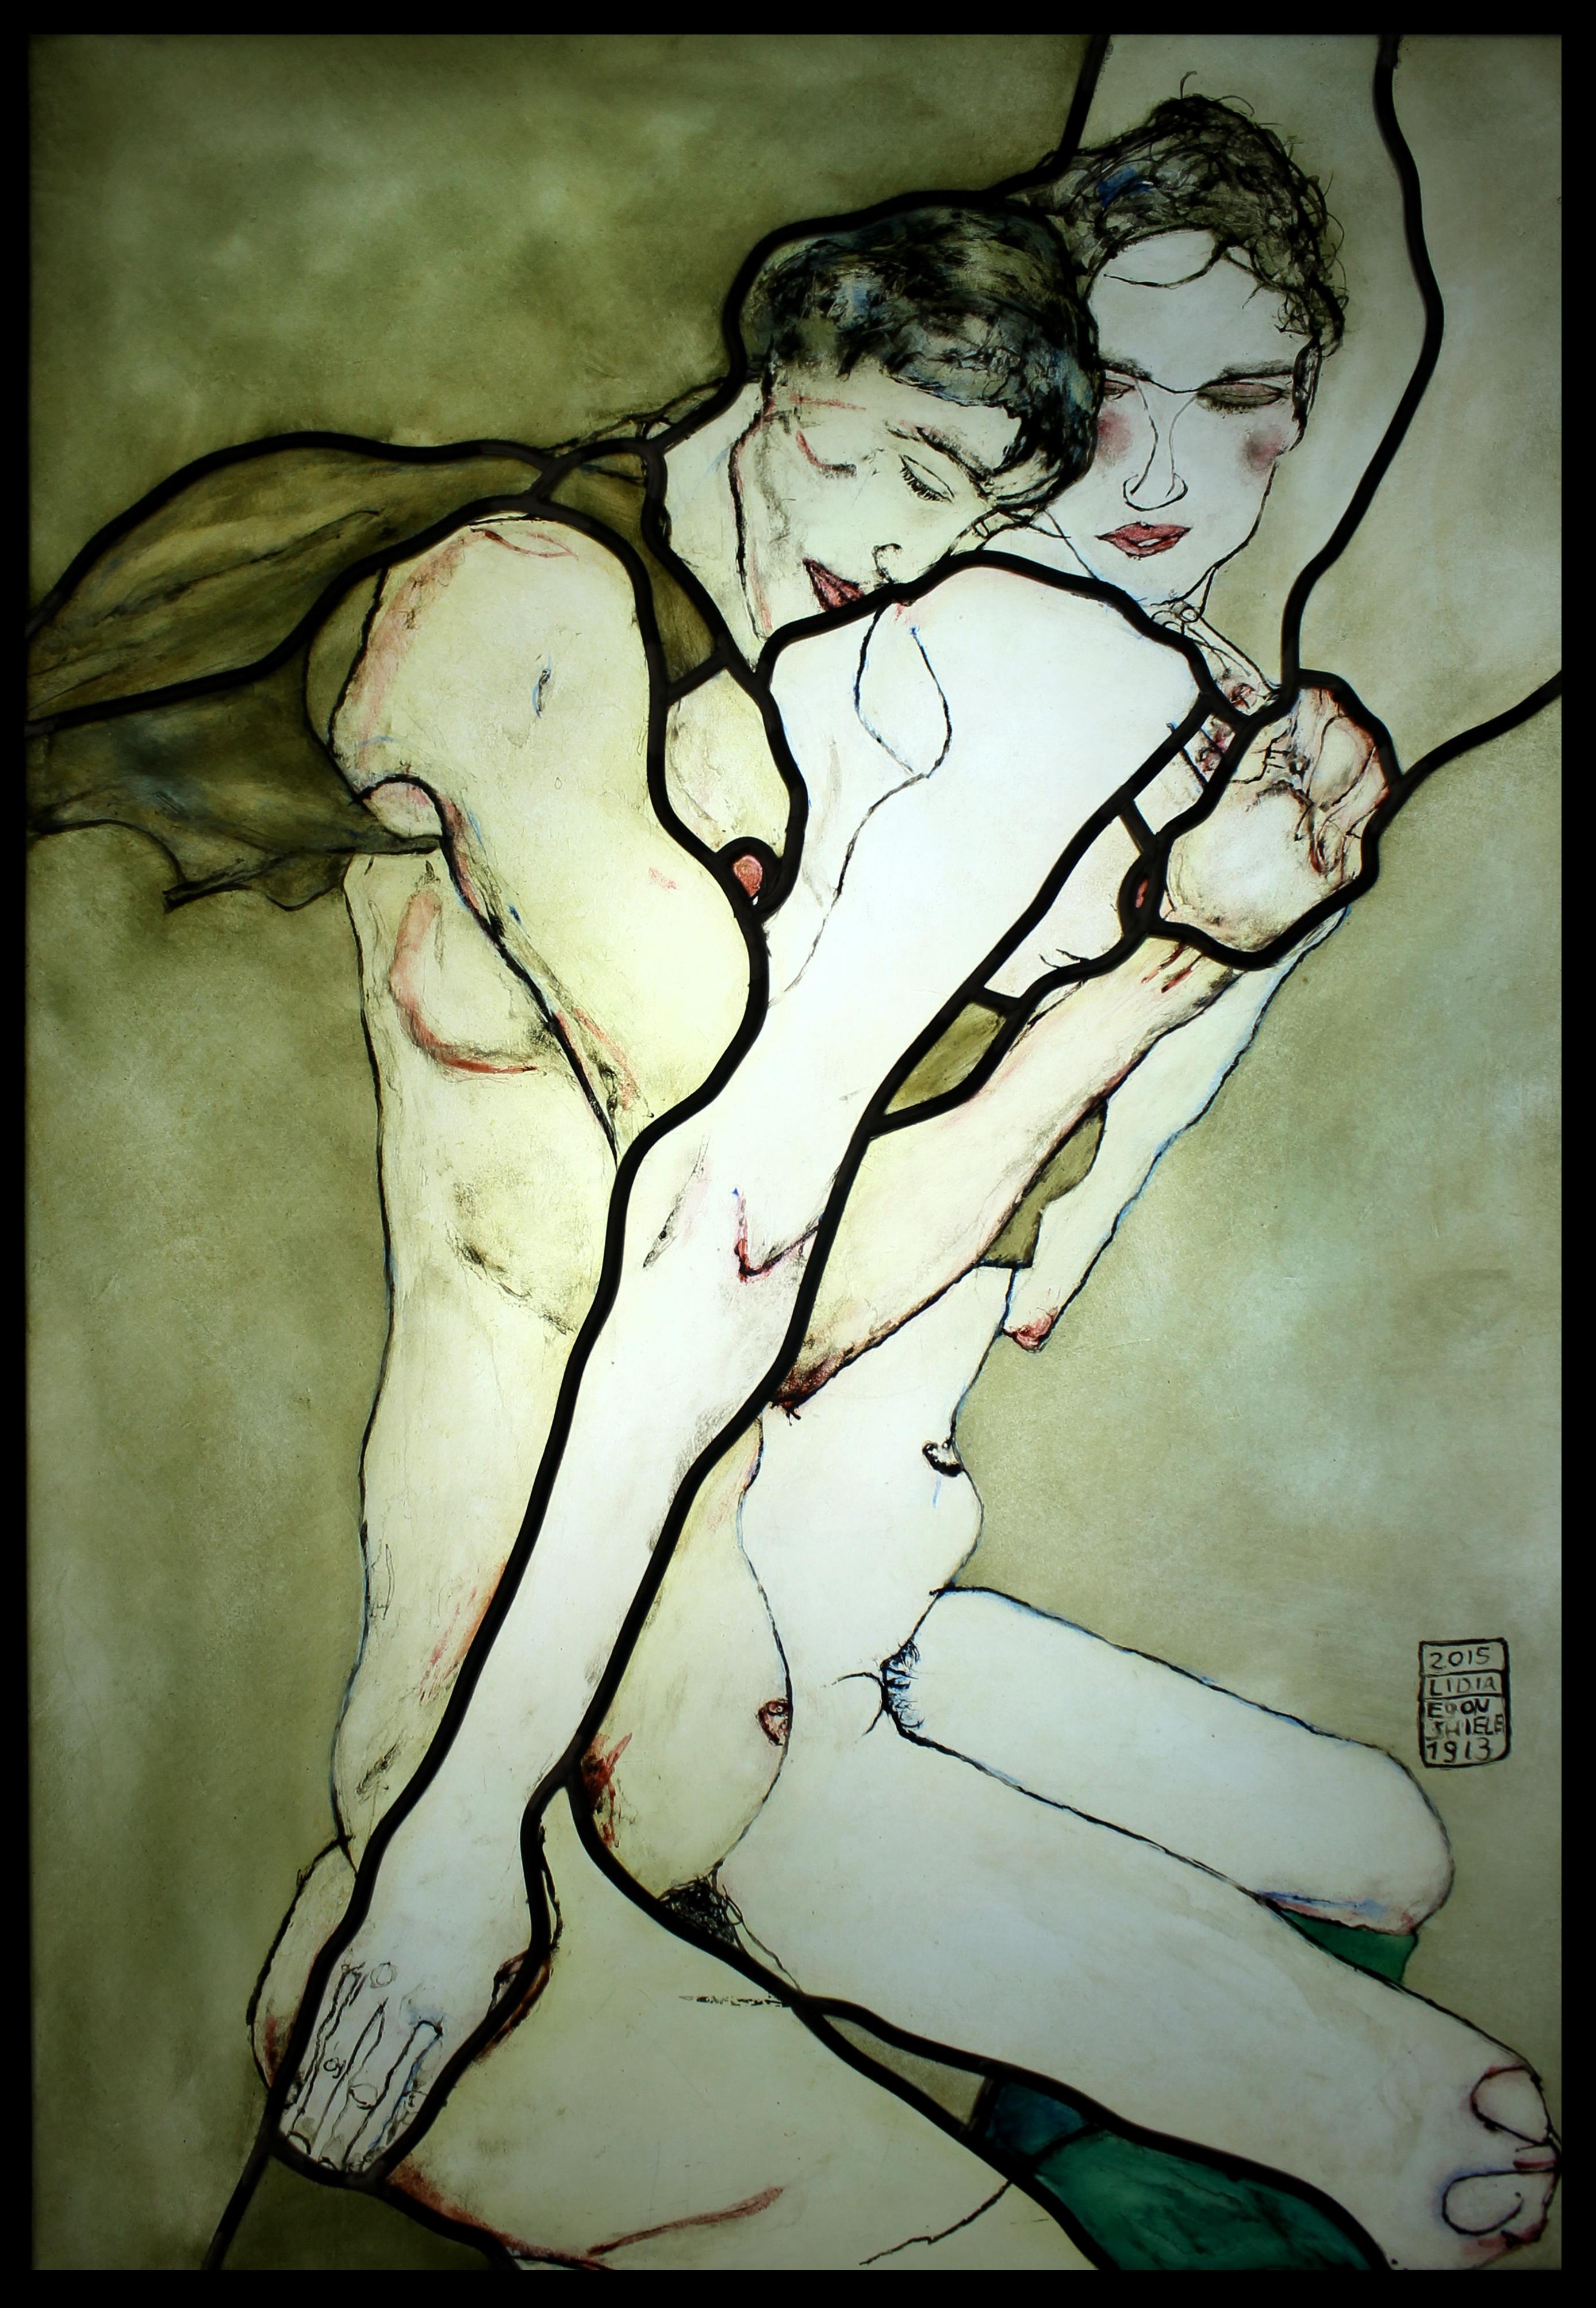 Kochankowie - transpozycja malarstwa Schiele